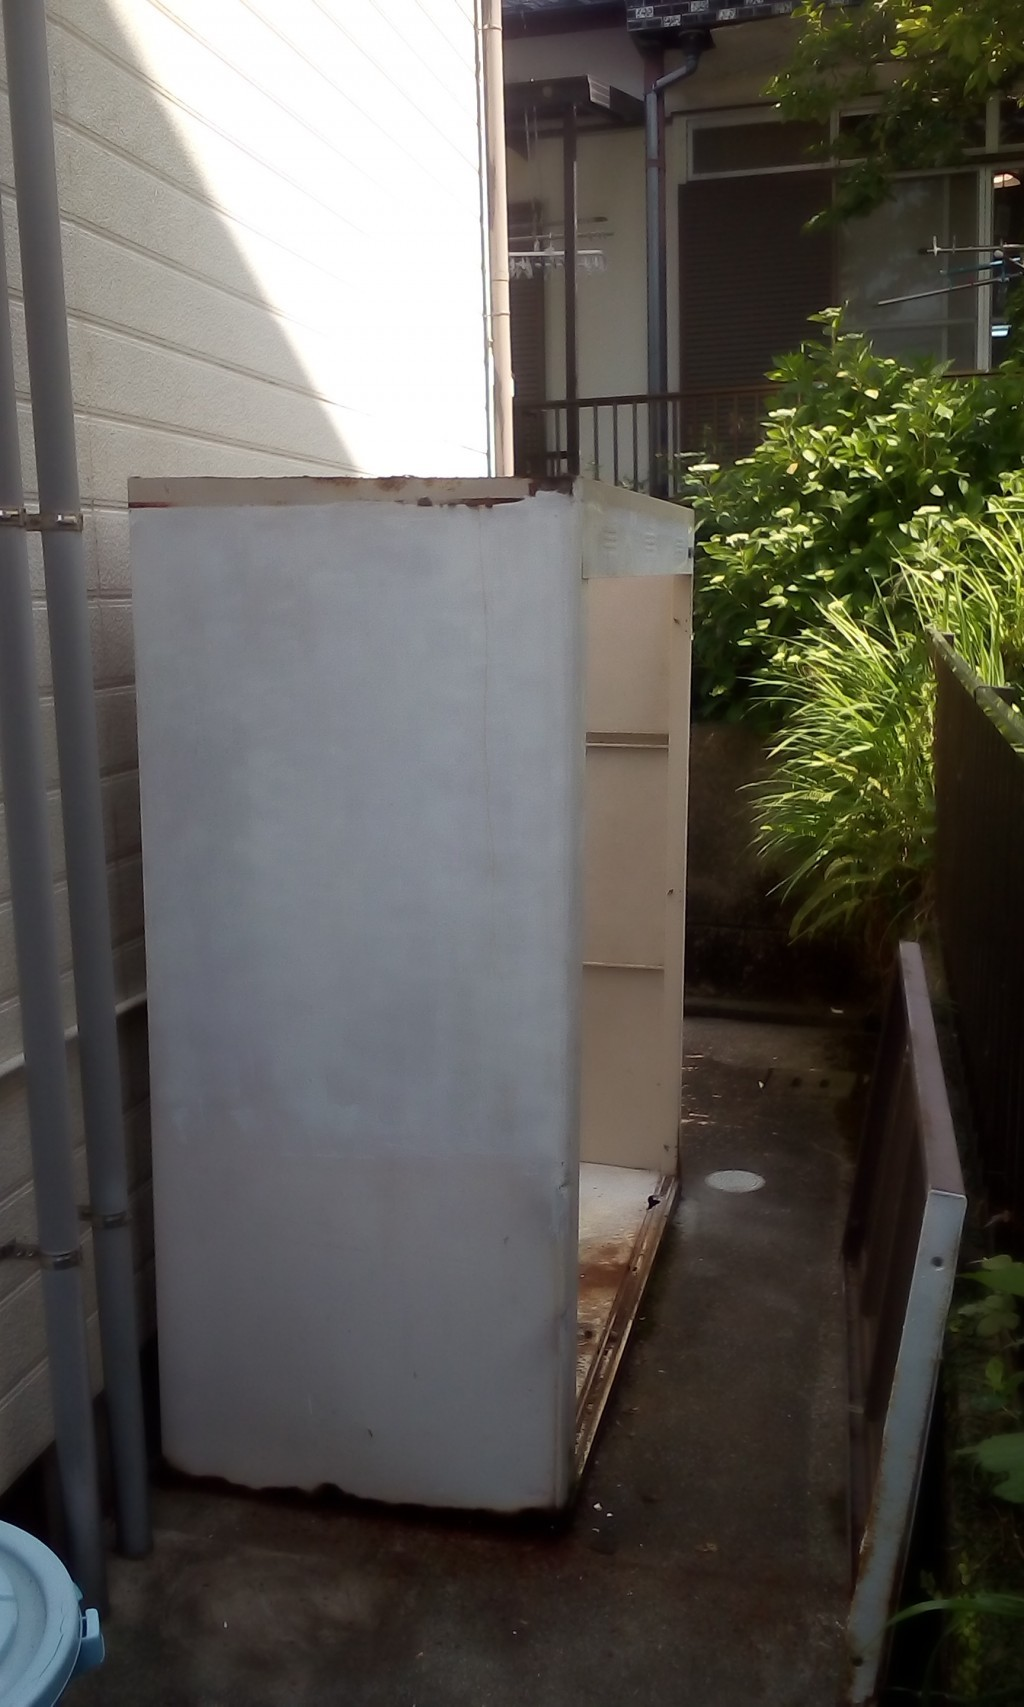 【長崎市】物置・冷蔵庫の回収・処分ご依頼 お客様の声